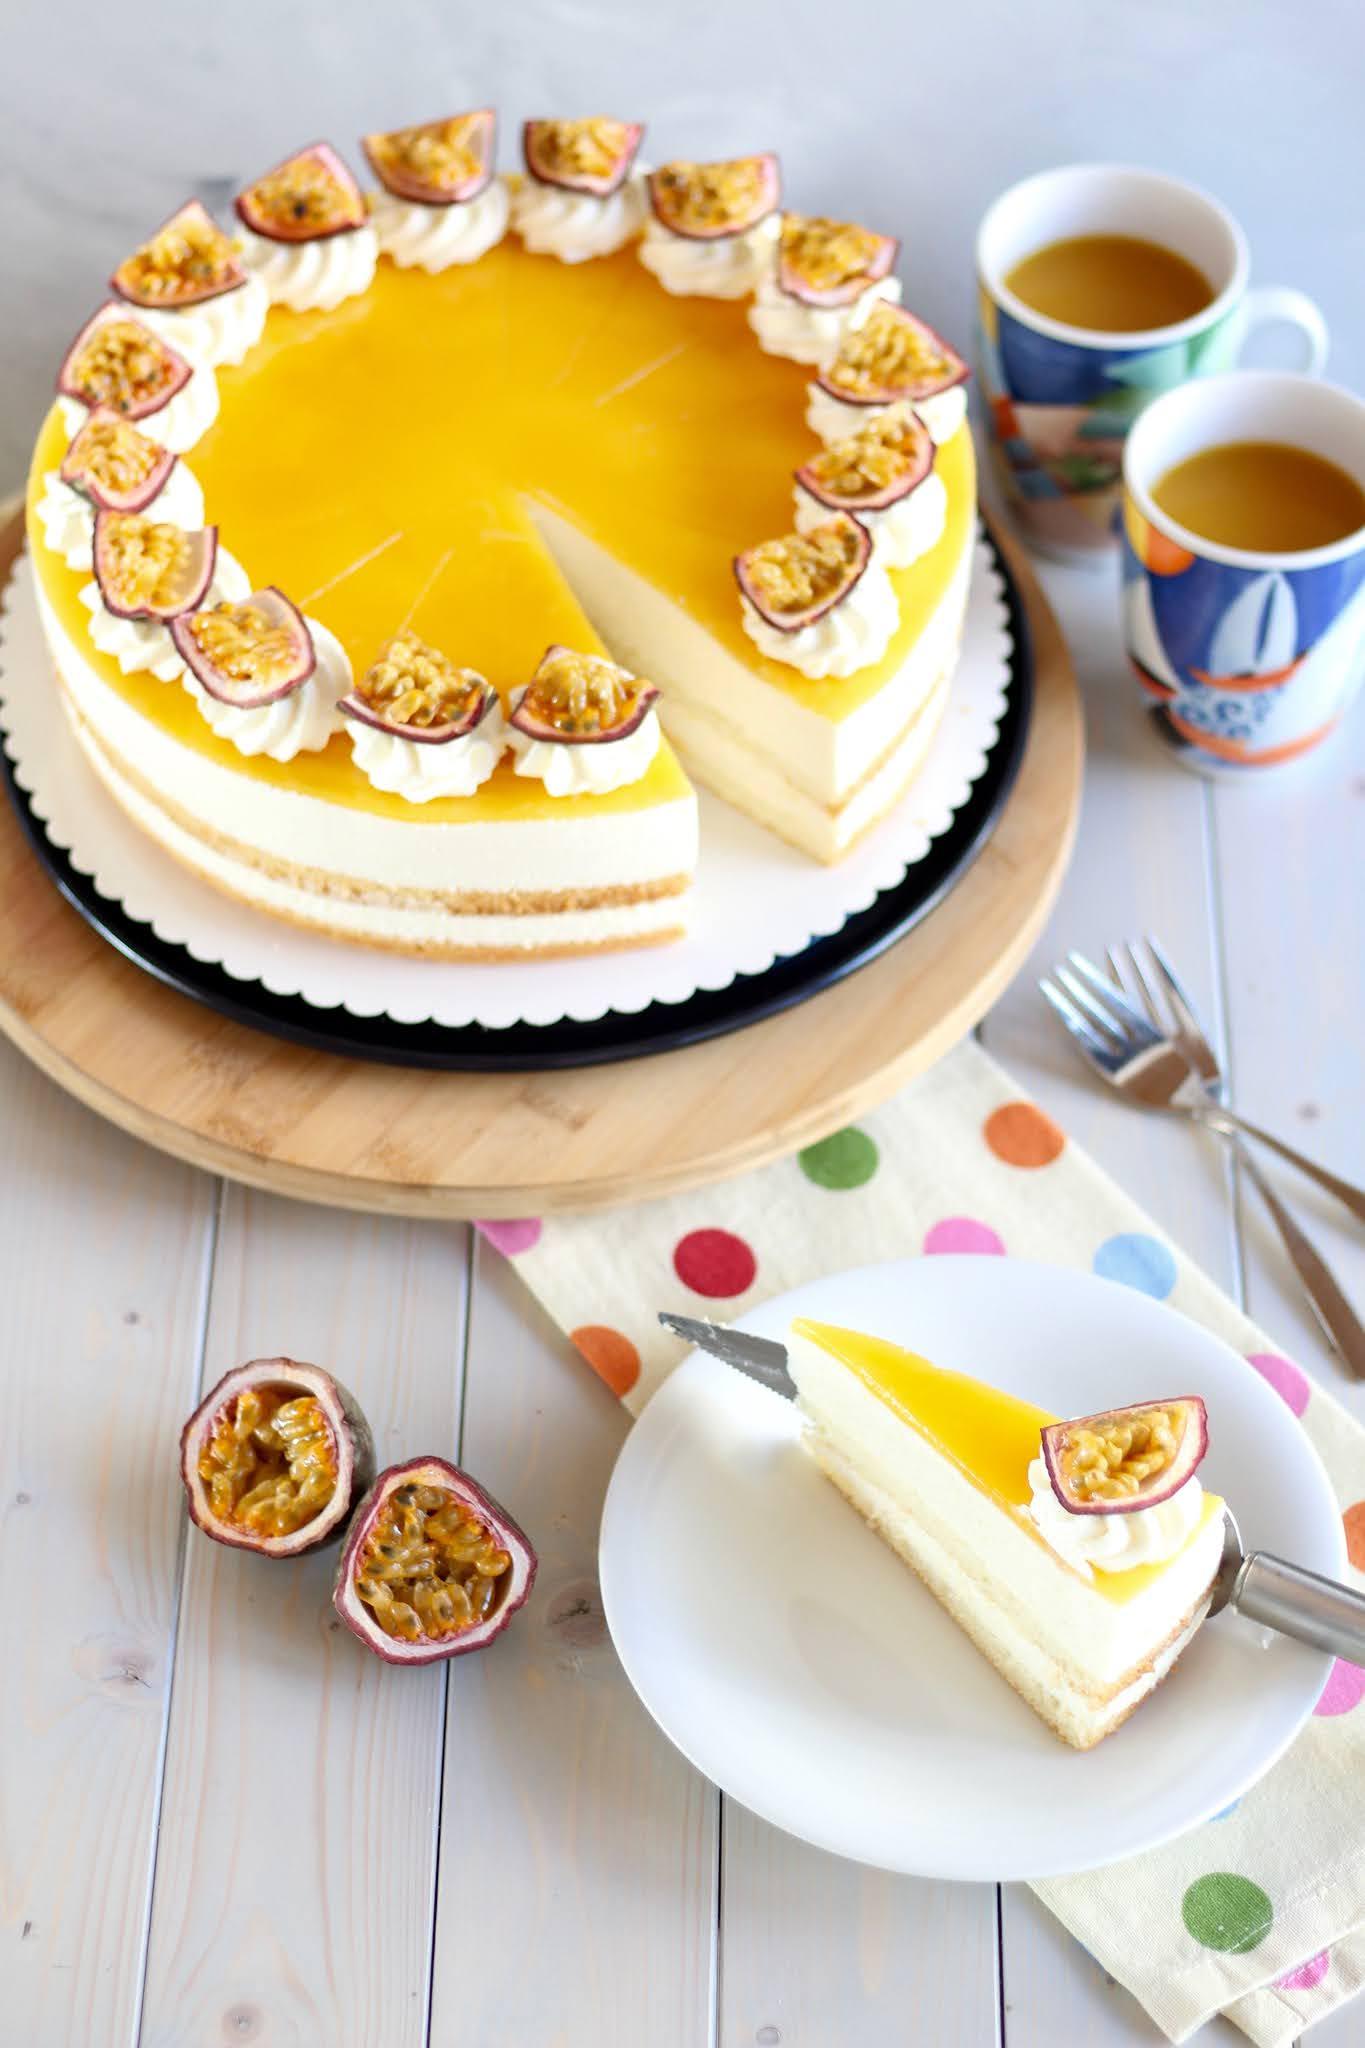 Fruchtige Maracuja-Käse-Sahnetorte/ Solero-Torte - cremiger Tortentraum | Rezept und Video von Sugarprincess